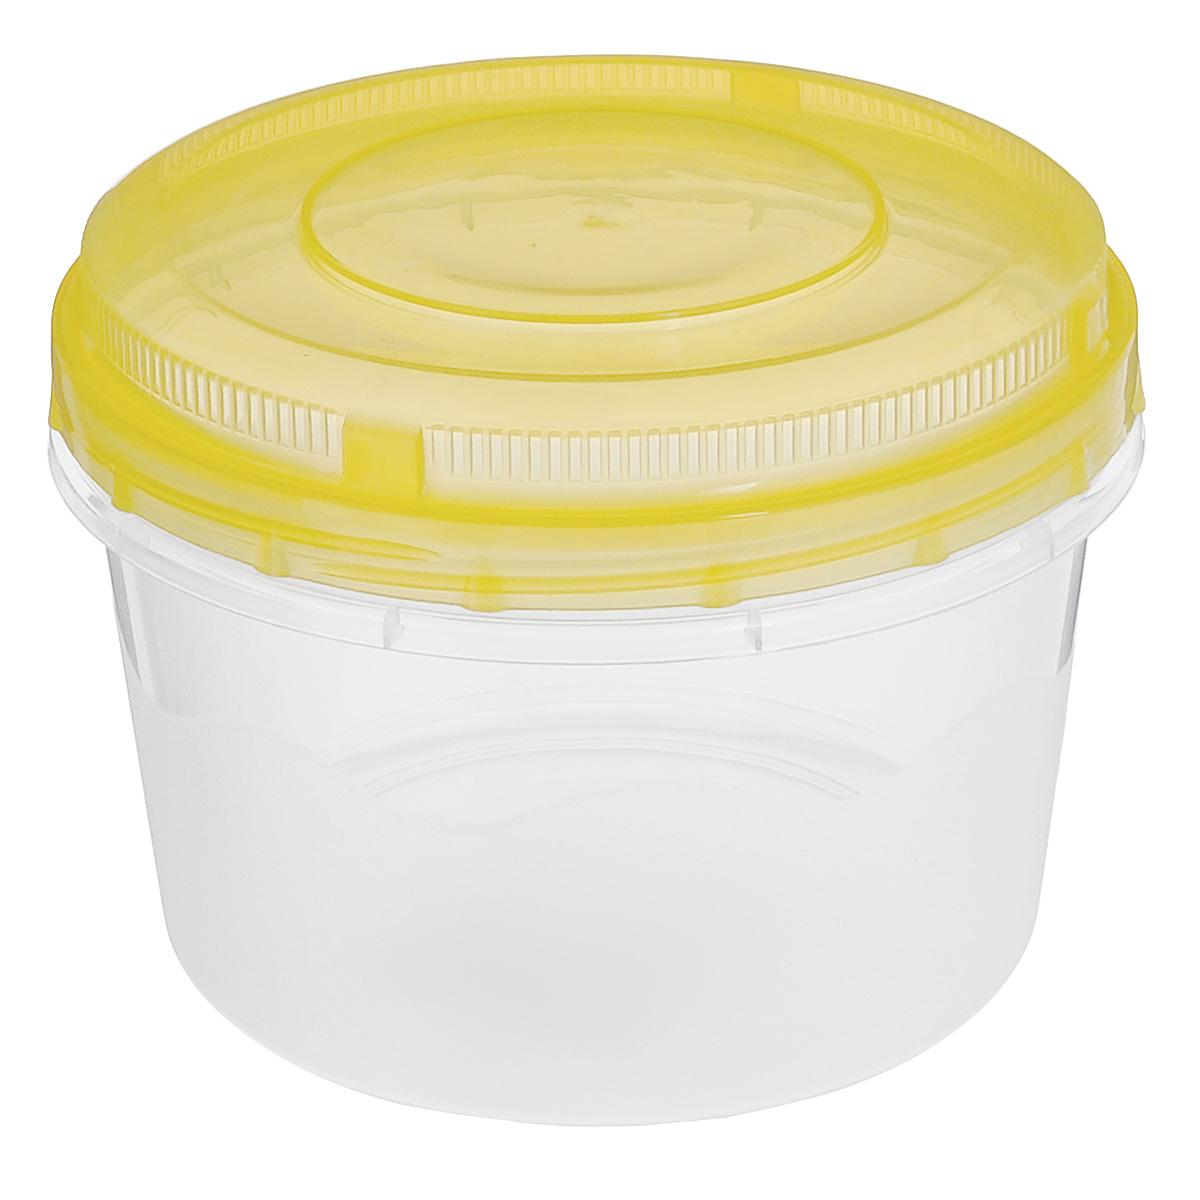 Емкость для СВЧ Альтернатива, цвет: прозрачный, желтый, 1 лМ1185Круглая емкость для СВЧ Альтернатива, выполненная из пластика, предназначена специально для хранения пищевых продуктов. Крышка легко открывается и плотно закрывается. Устойчива к воздействию масел и жиров, легко моется. Прозрачные стенки позволяют видеть содержимое. Емкость необыкновенно удобна: в ней можно брать еду на работу, за город, ребенку в школу. Именно поэтому подобные емкости обретают все большую популярность. Можно мыть в посудомоечной машине.